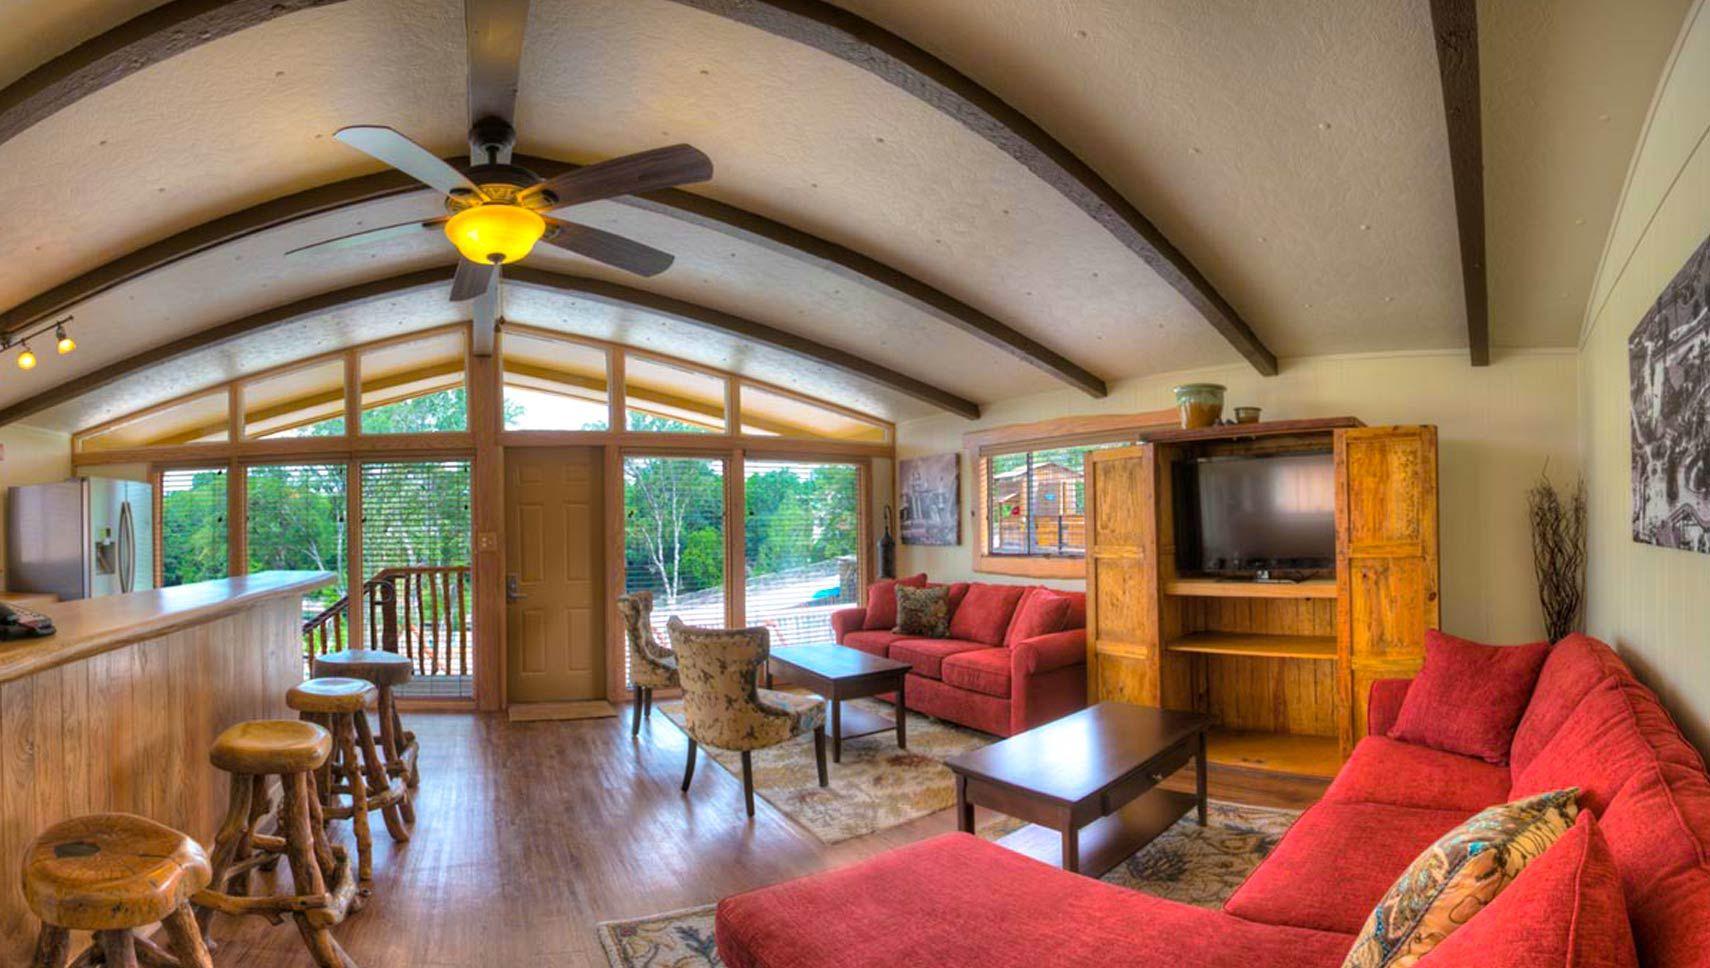 Riverbend Cabins The Resort At Schlitterbahn New Braunfels Hotel Suite Luxury Schlitterbahn New Braunfels Cabin